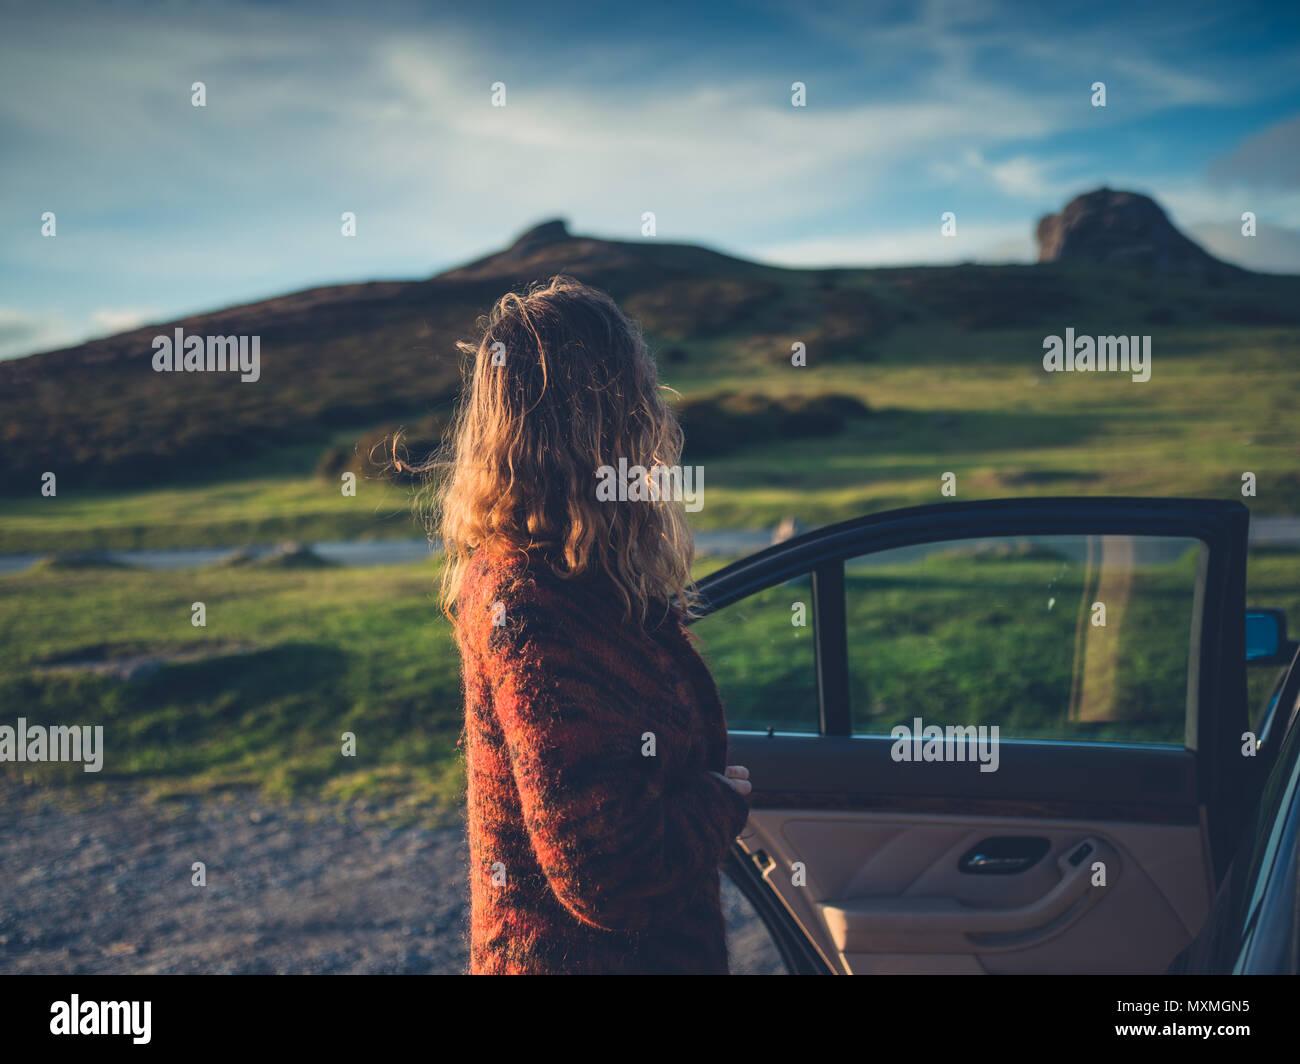 Eine junge Frau öffnet die Tür Ihres Autos in der Wüste bei Sonnenuntergang Stockbild